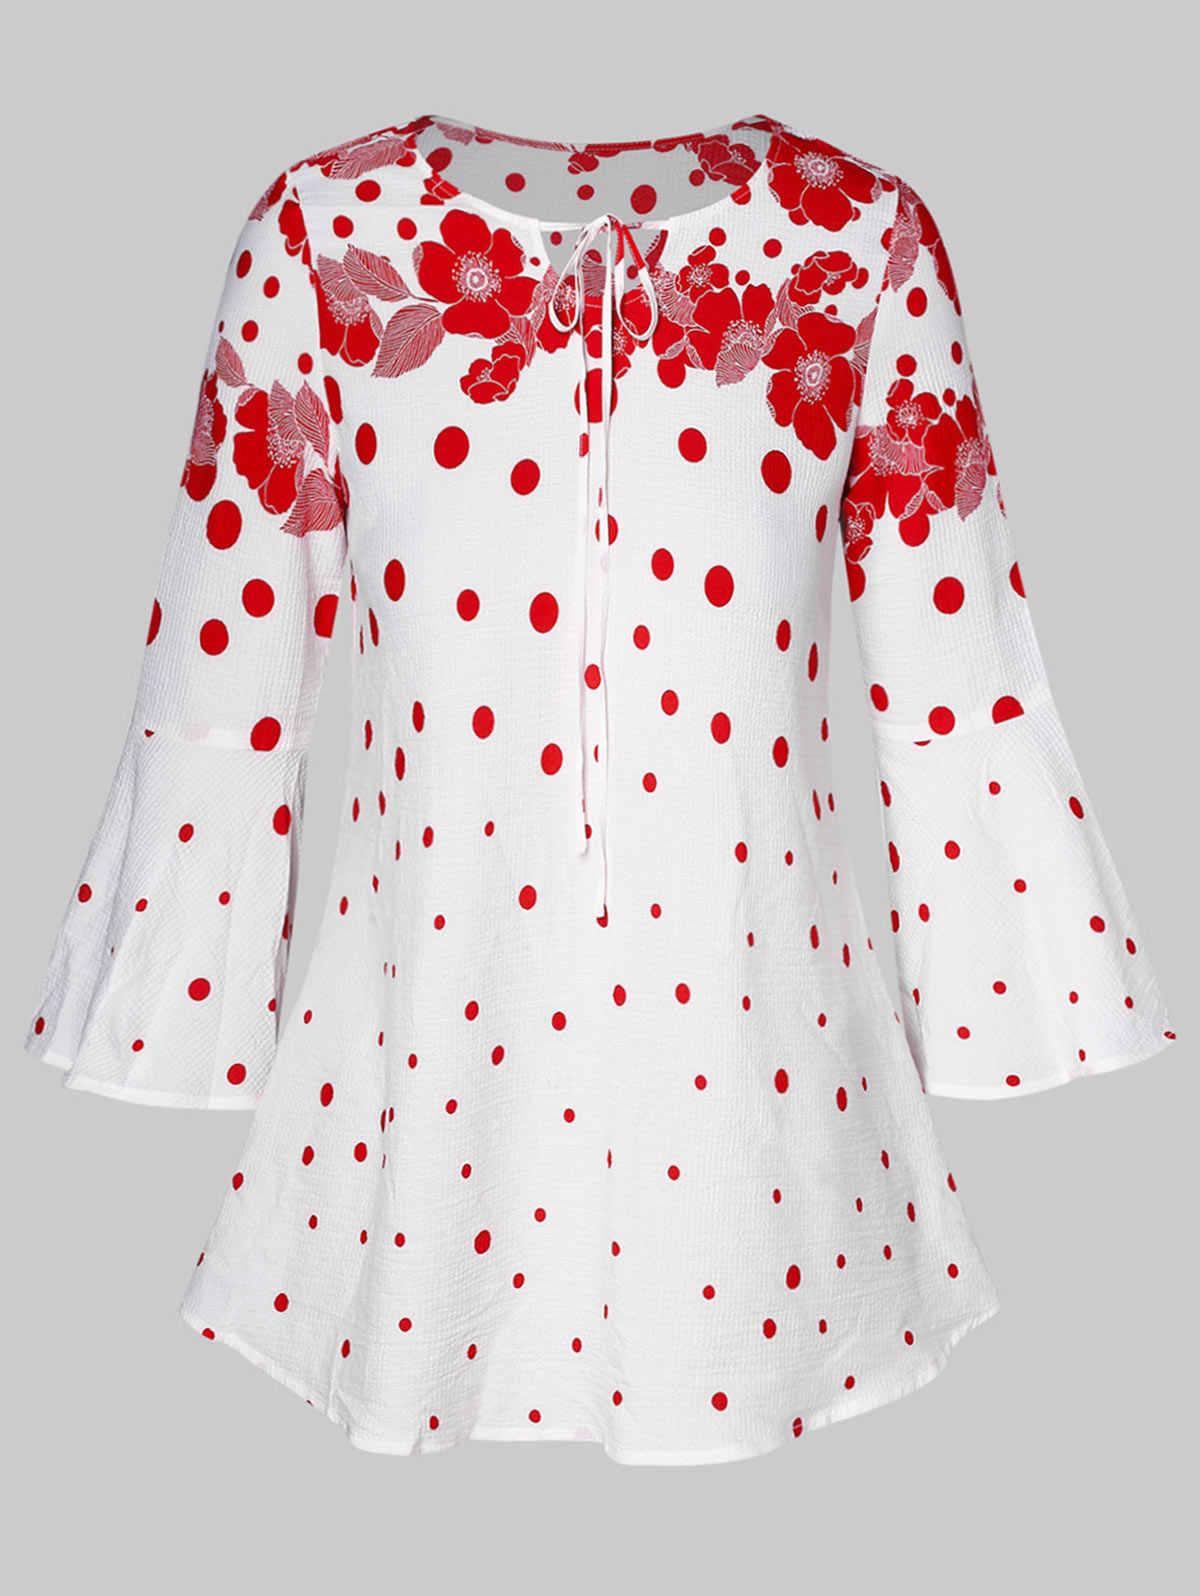 Wisalo женская блузка с цветочным принтом в горошек и расклешенными рукавами, большие размеры 5XL, Женская Повседневная блуза, рубашка 2019, весна-лето, женская блуза